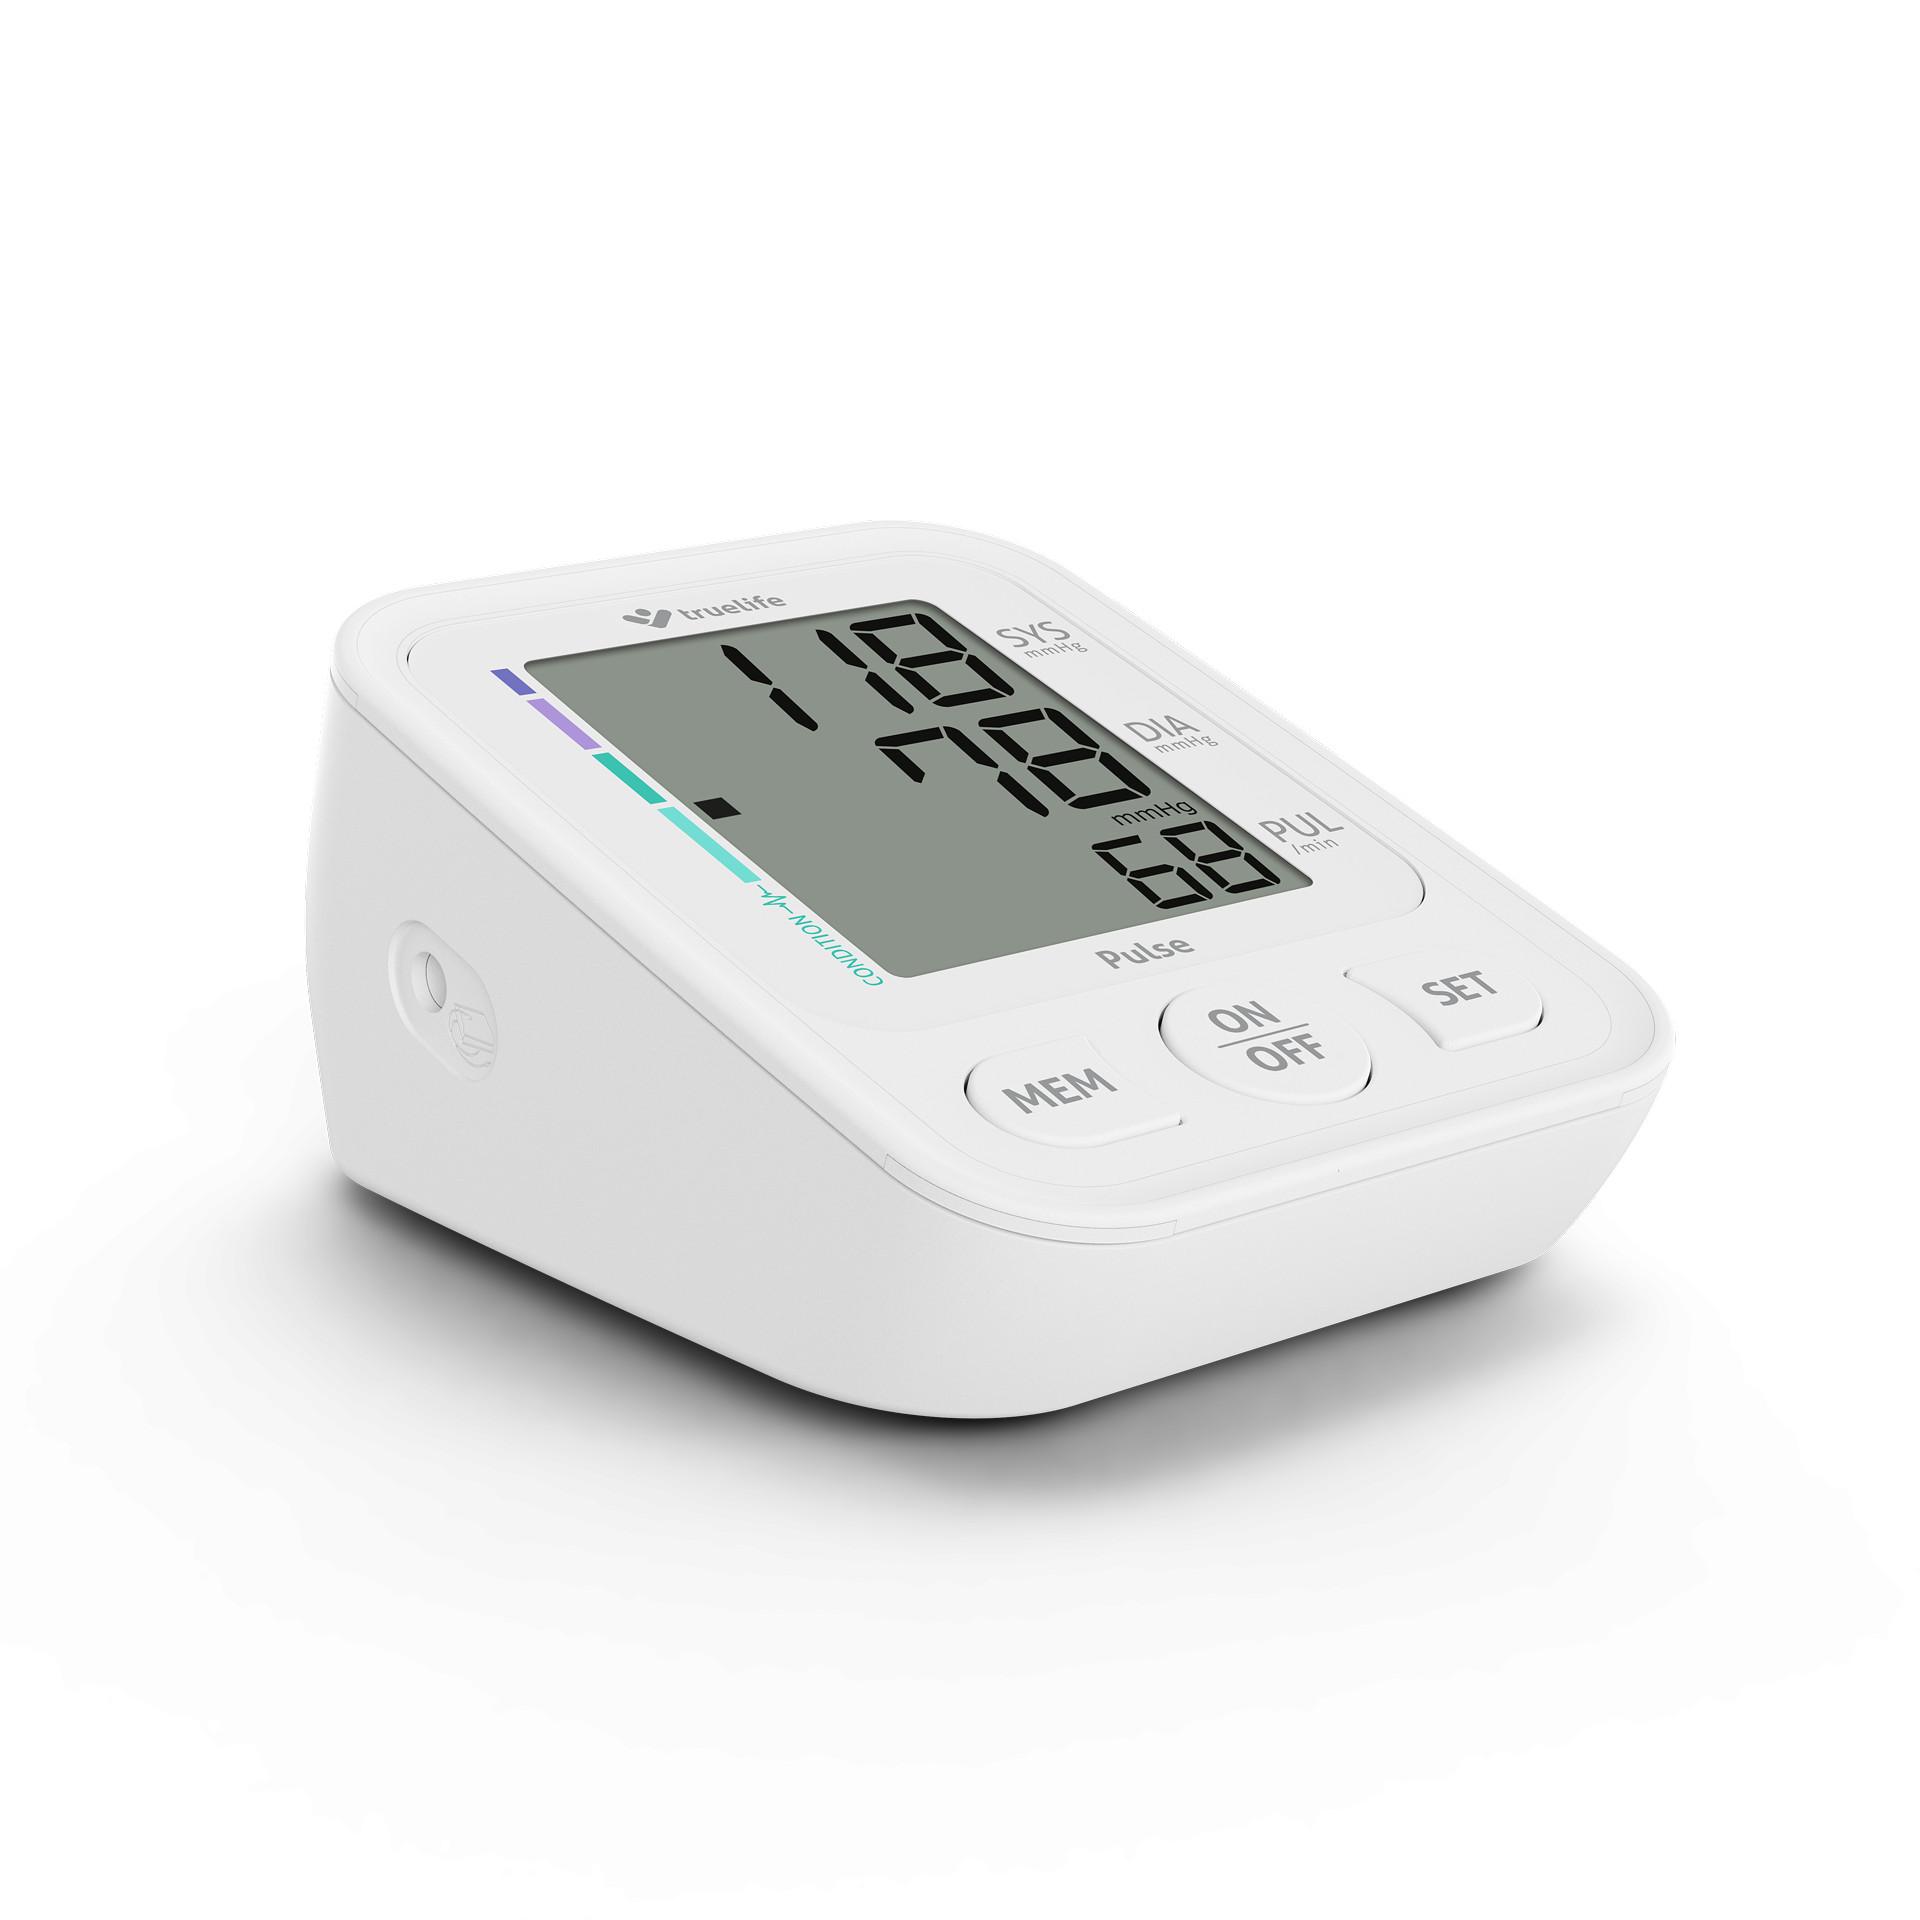 Vérnyomás mérés - hogyan történjen? - Szalka Praxis